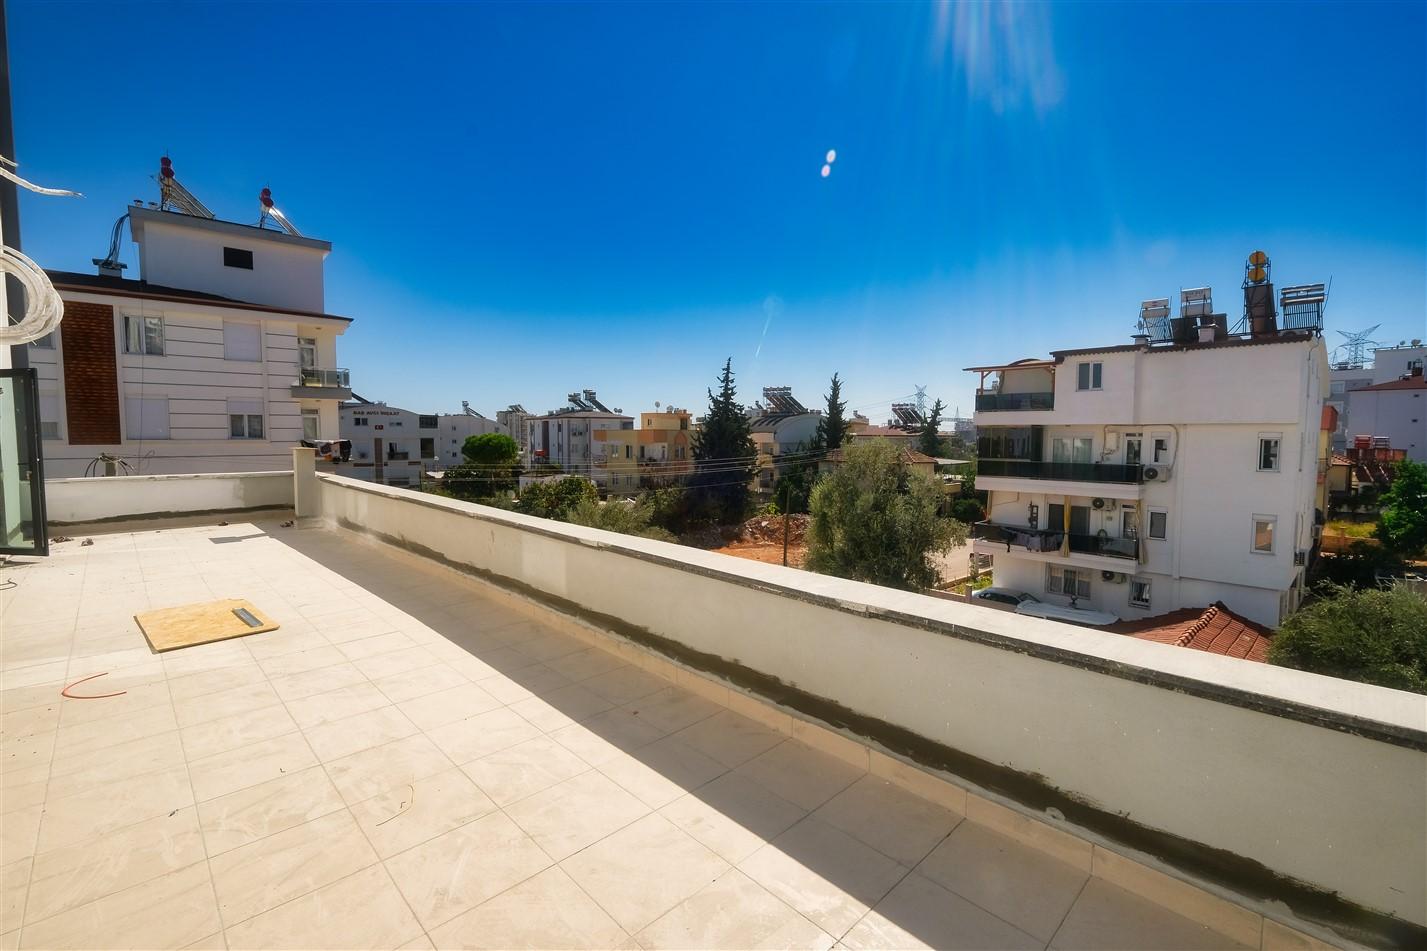 Четырёхкомнатная квартира в Анталье по демократичной цене - Фото 4